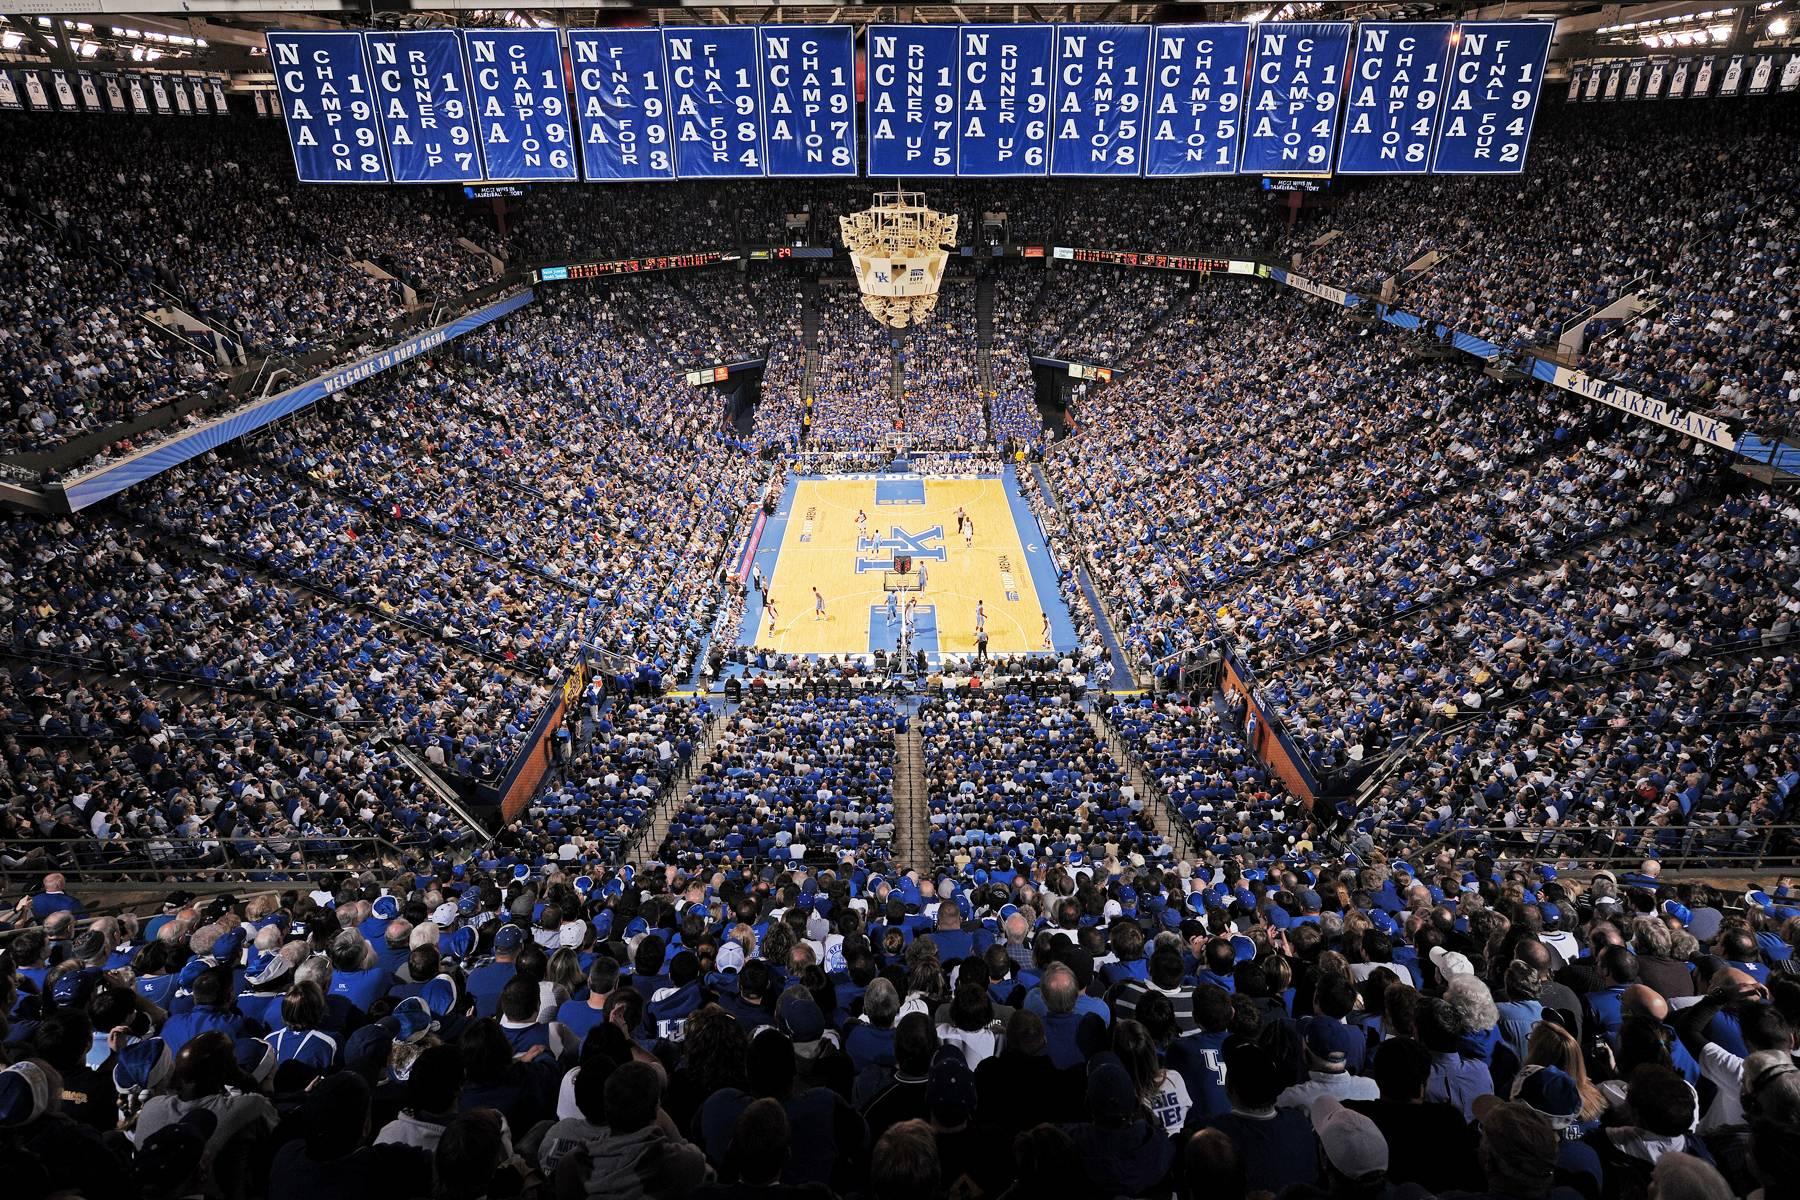 Kentucky Basketball Desktop Wallpaper: College Basketball Wallpapers